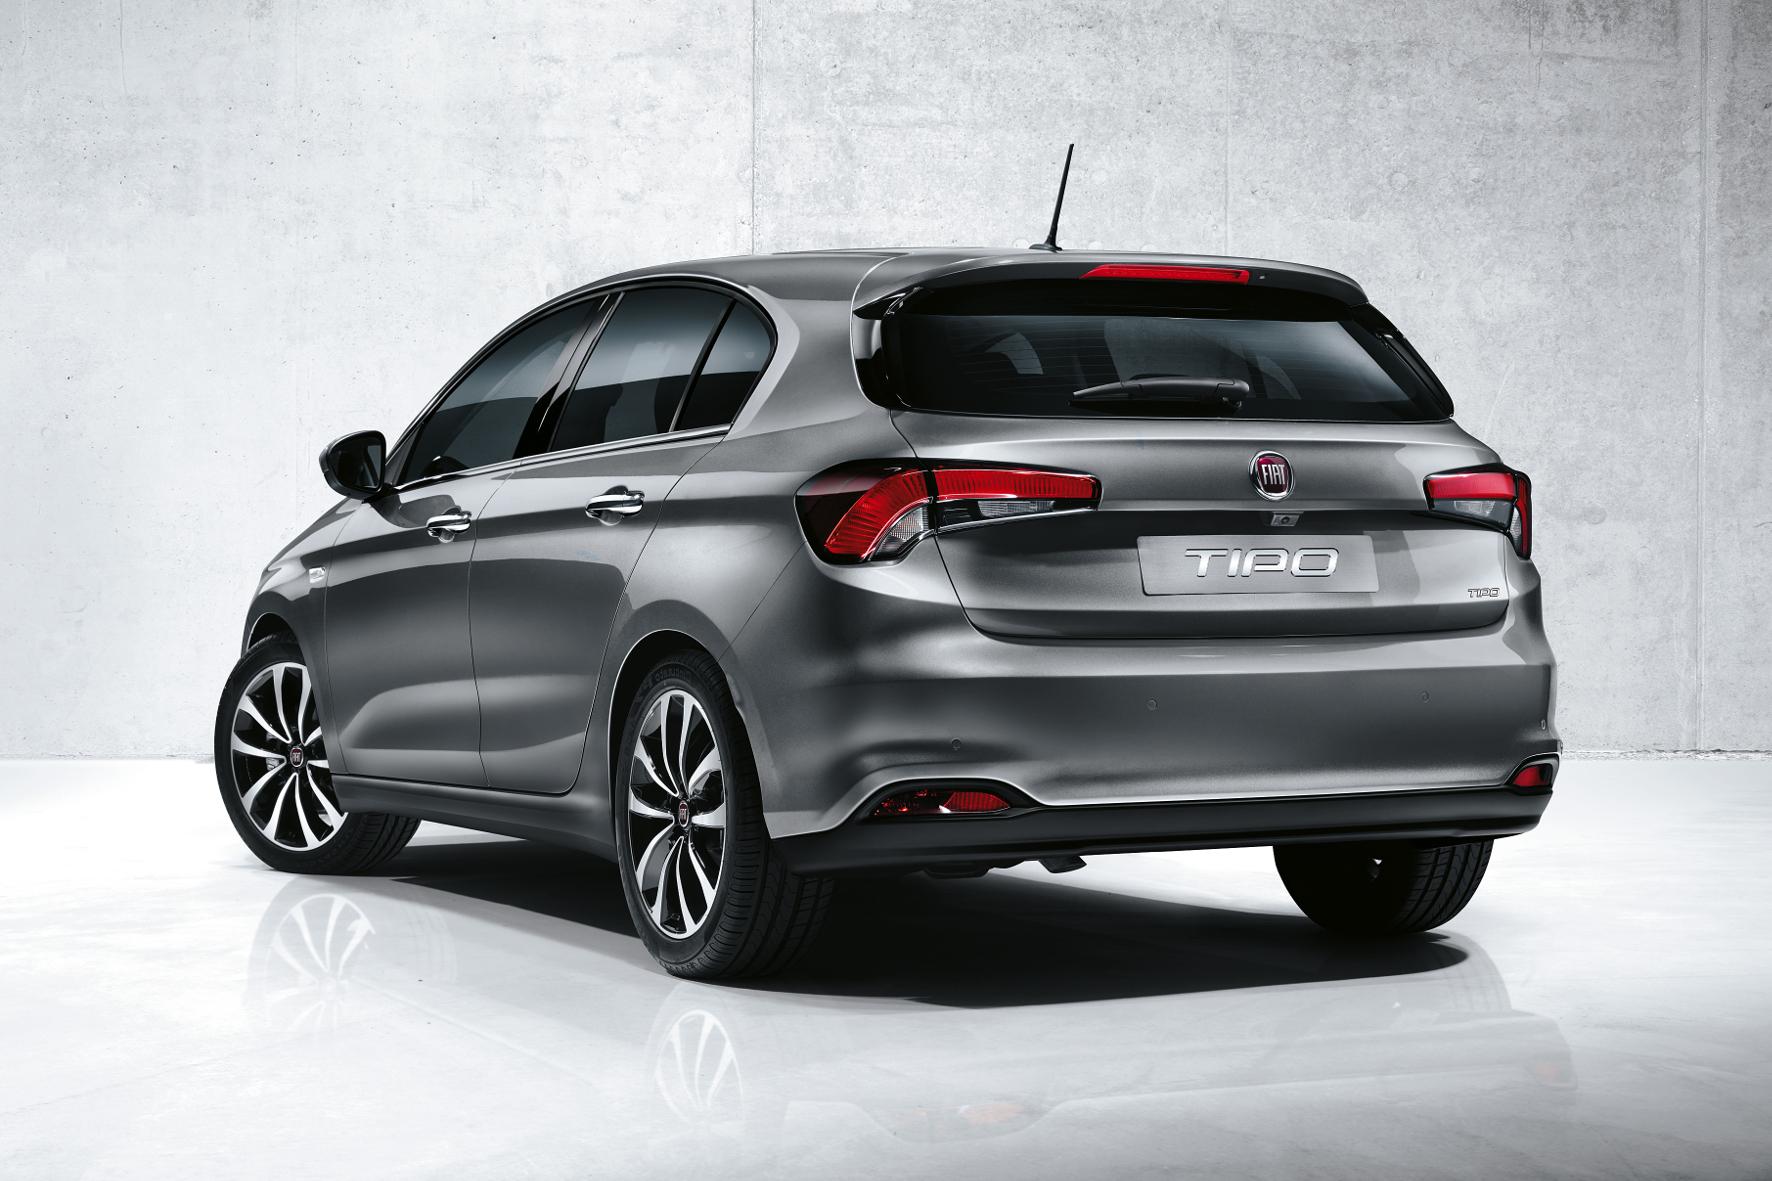 mid Groß-Gerau - Typisch Tipo: Die Schrägheckversion des preisgünstigen Fiat wird bei uns wohl das meistverkaufte Modell werden.